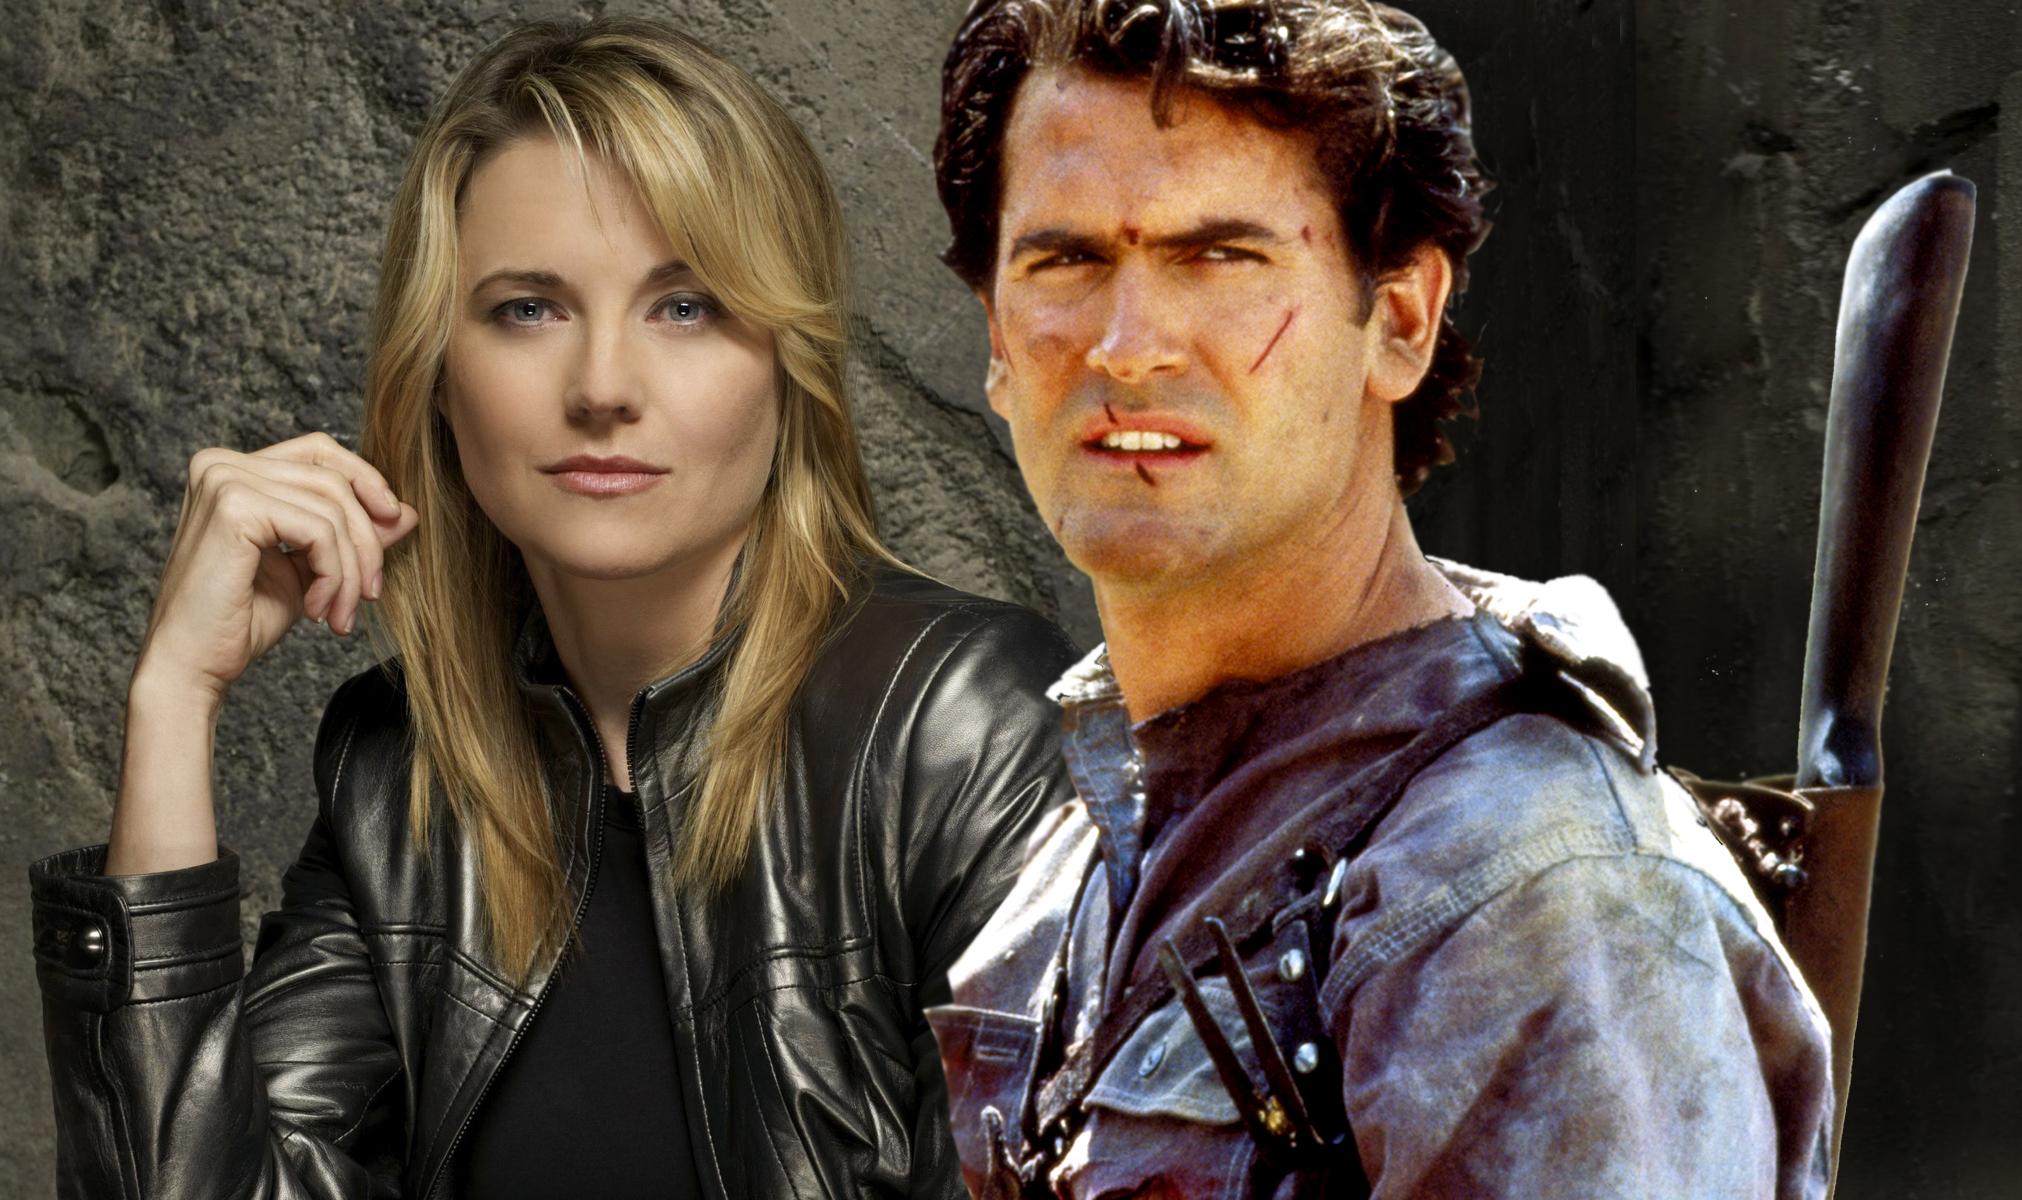 'Ash vs Evil Dead' Coming to STARZ